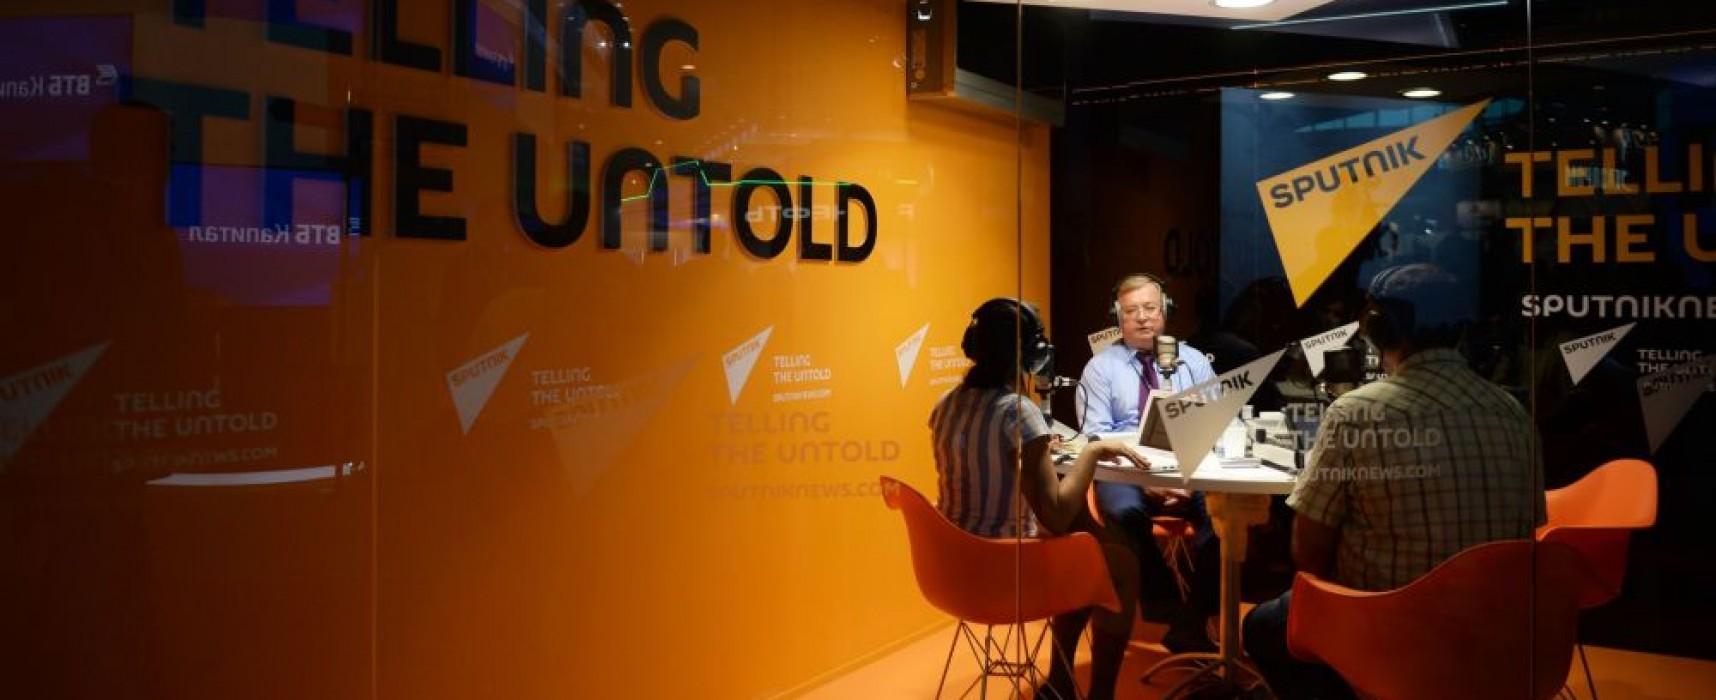 Una radio de Polonia se quedó sin licencia por transmitir propaganda rusa